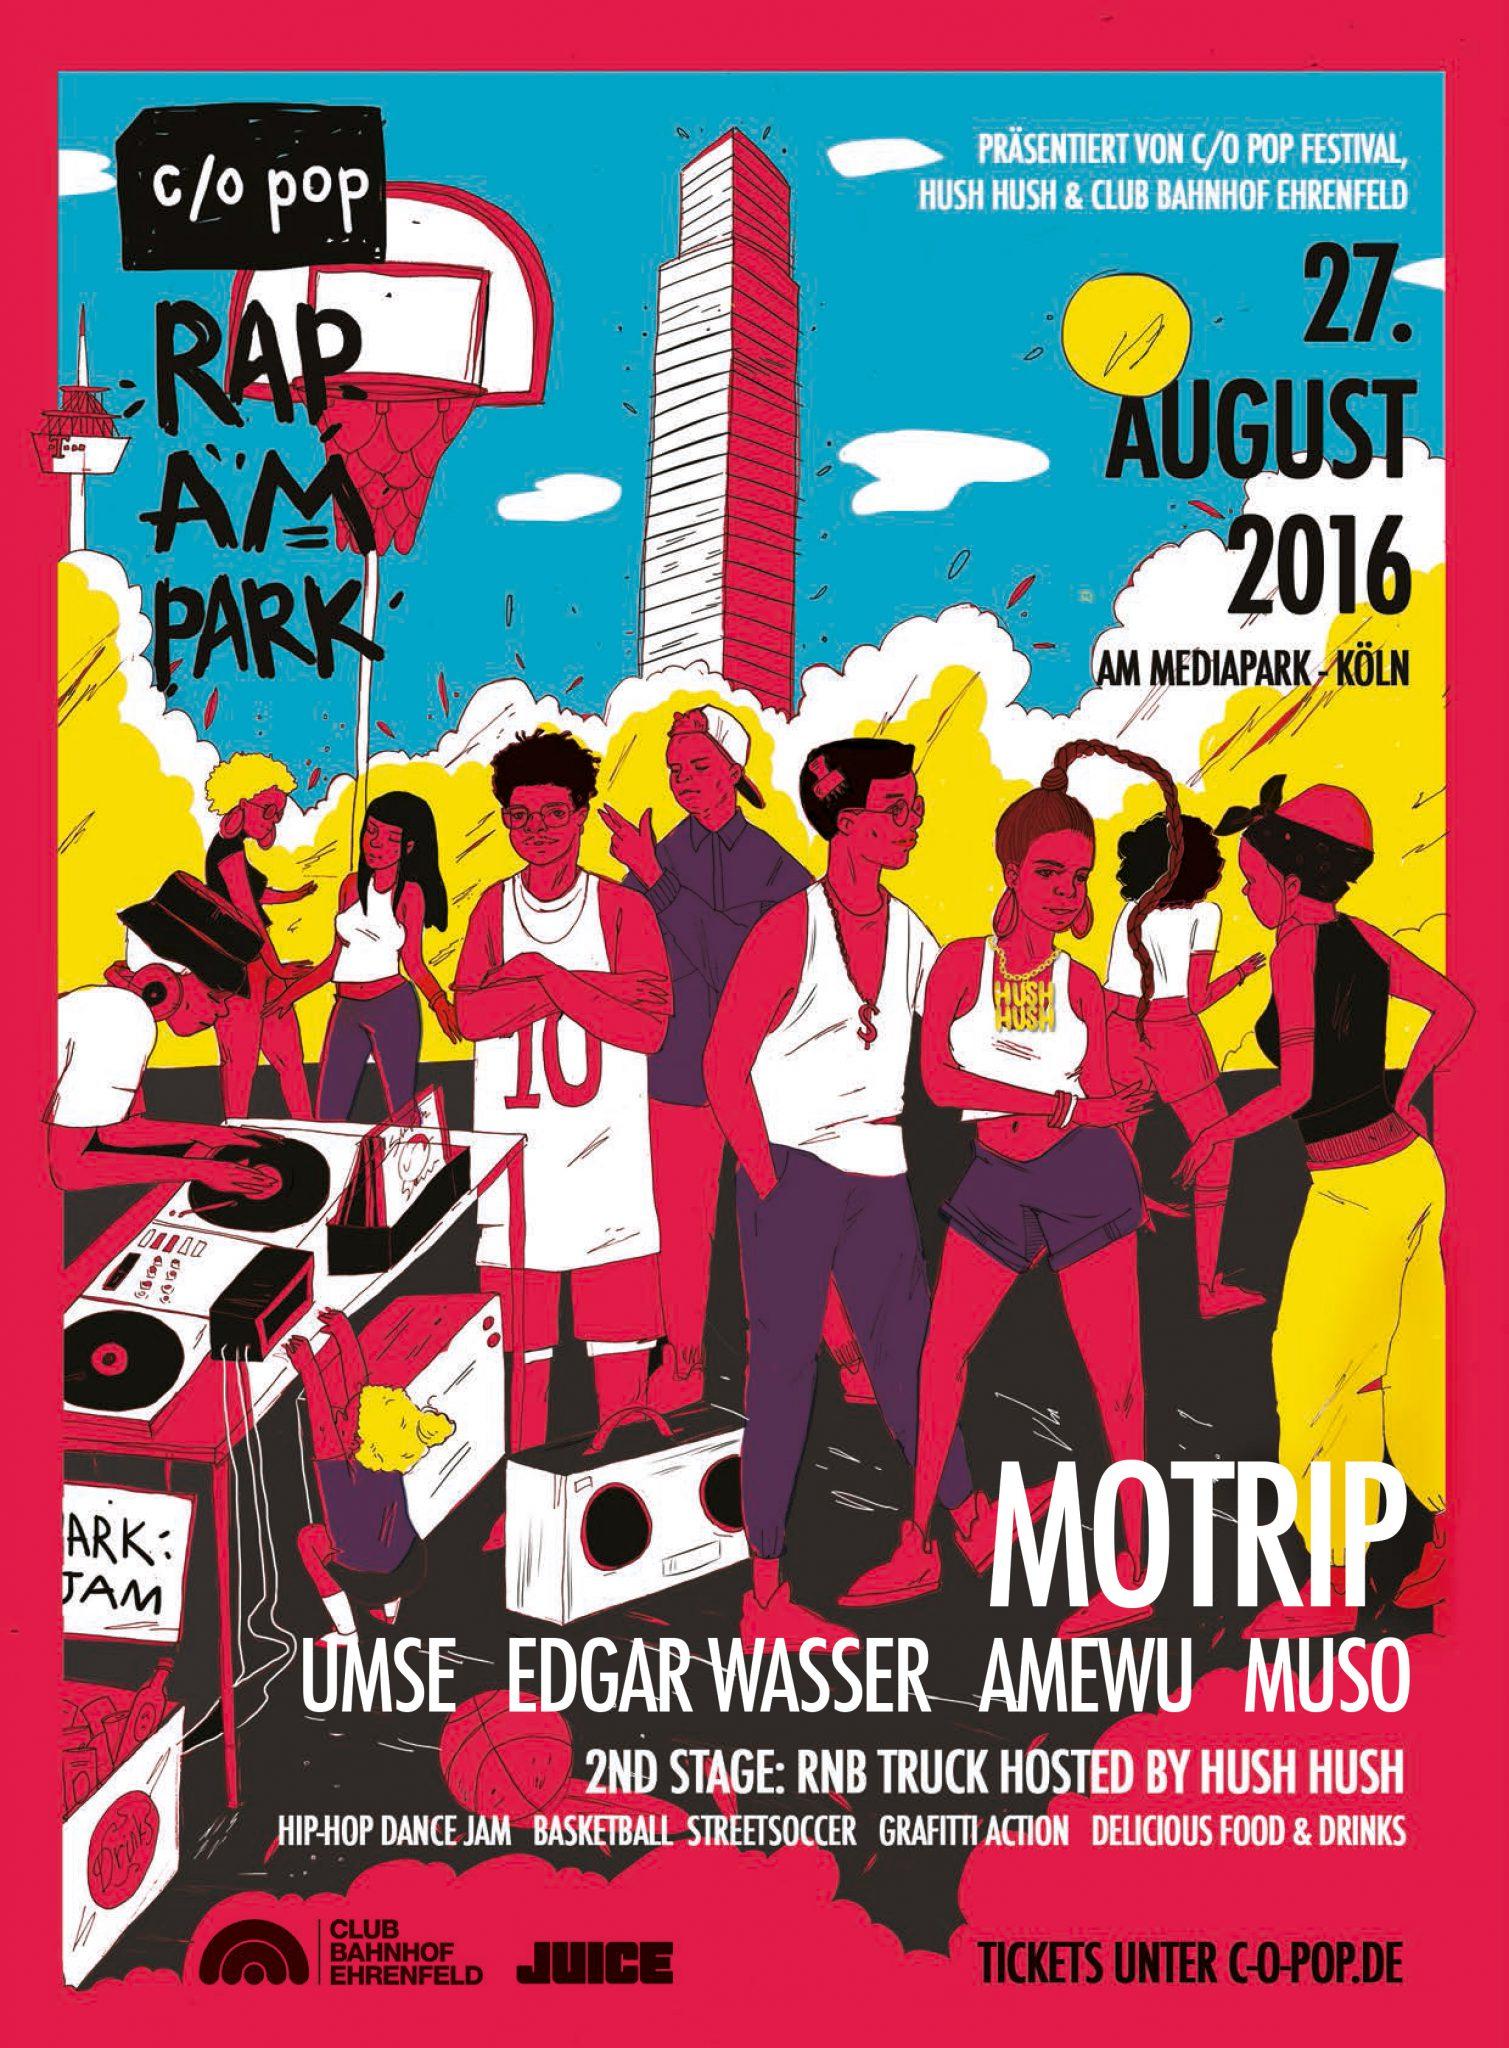 Rap_am_park